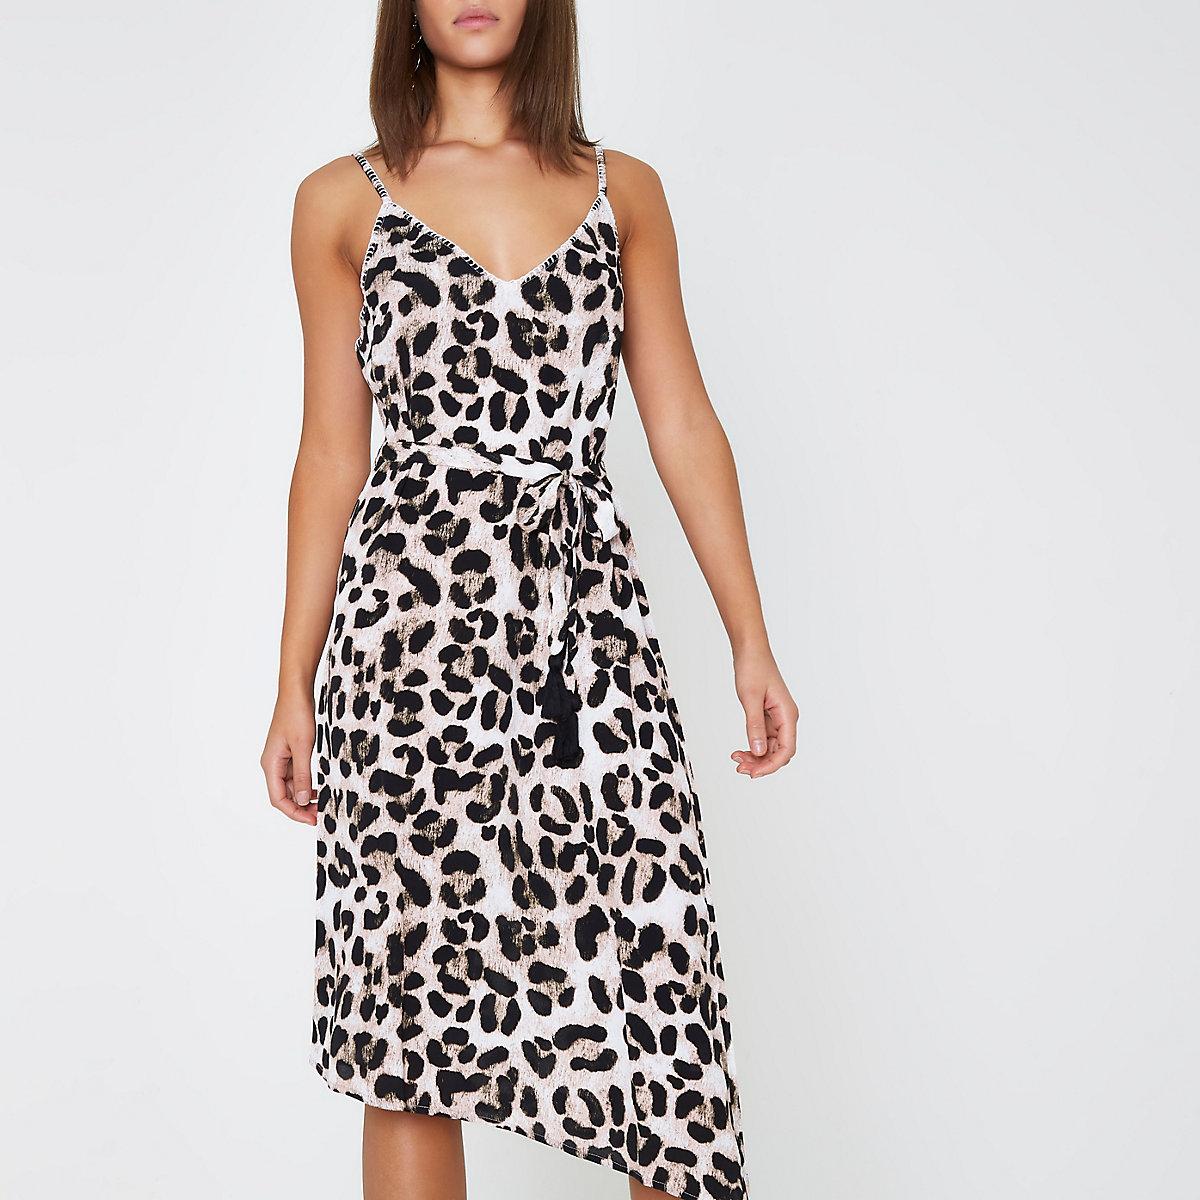 ba81000631c4 Brown leopard print midi slip beach dress - Kaftans & Beach Cover ...